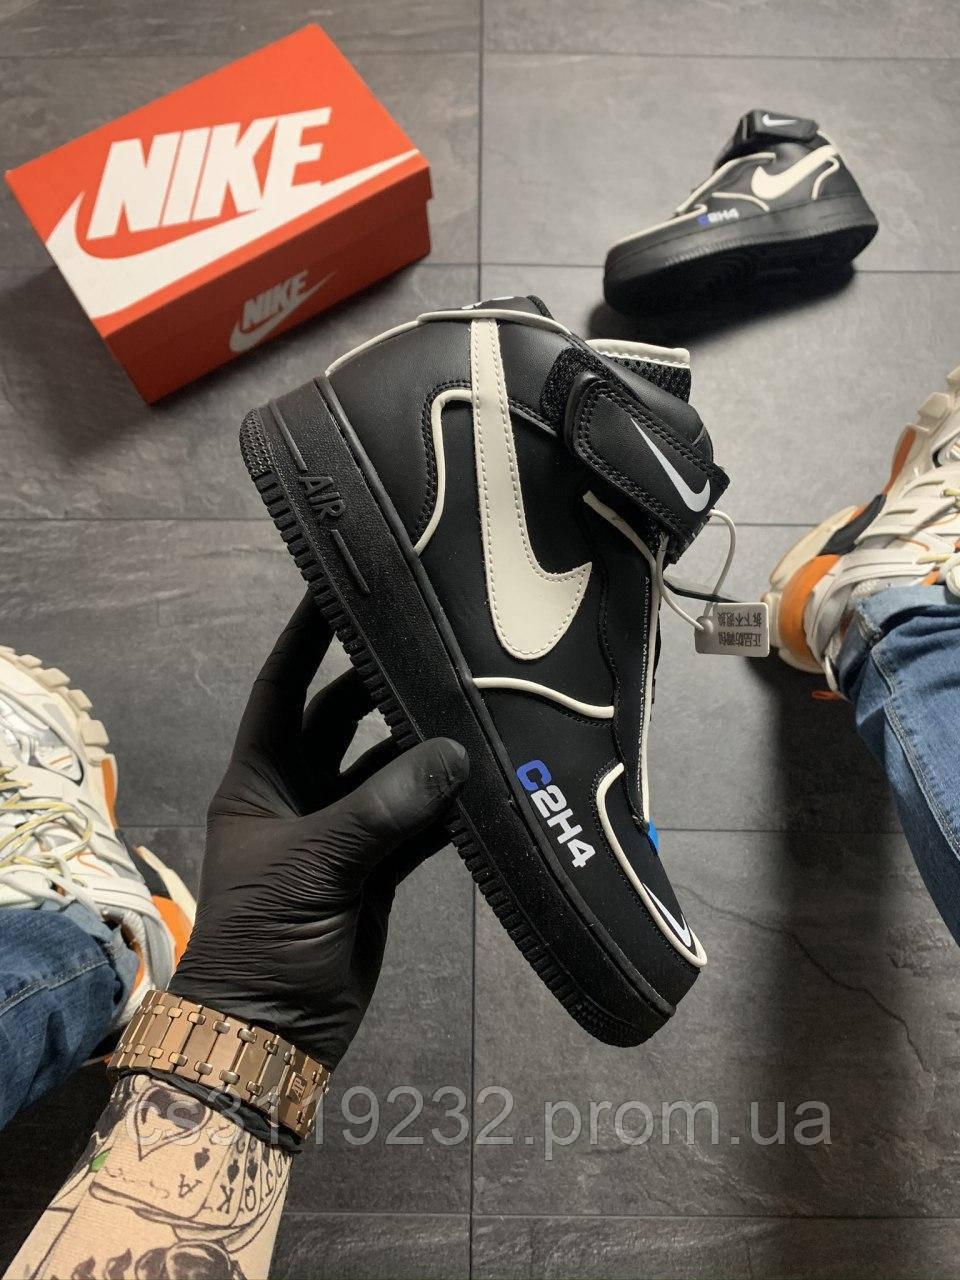 Чоловічі кросівки Nike Air Force C2H4 x Mastermind World (чорні)